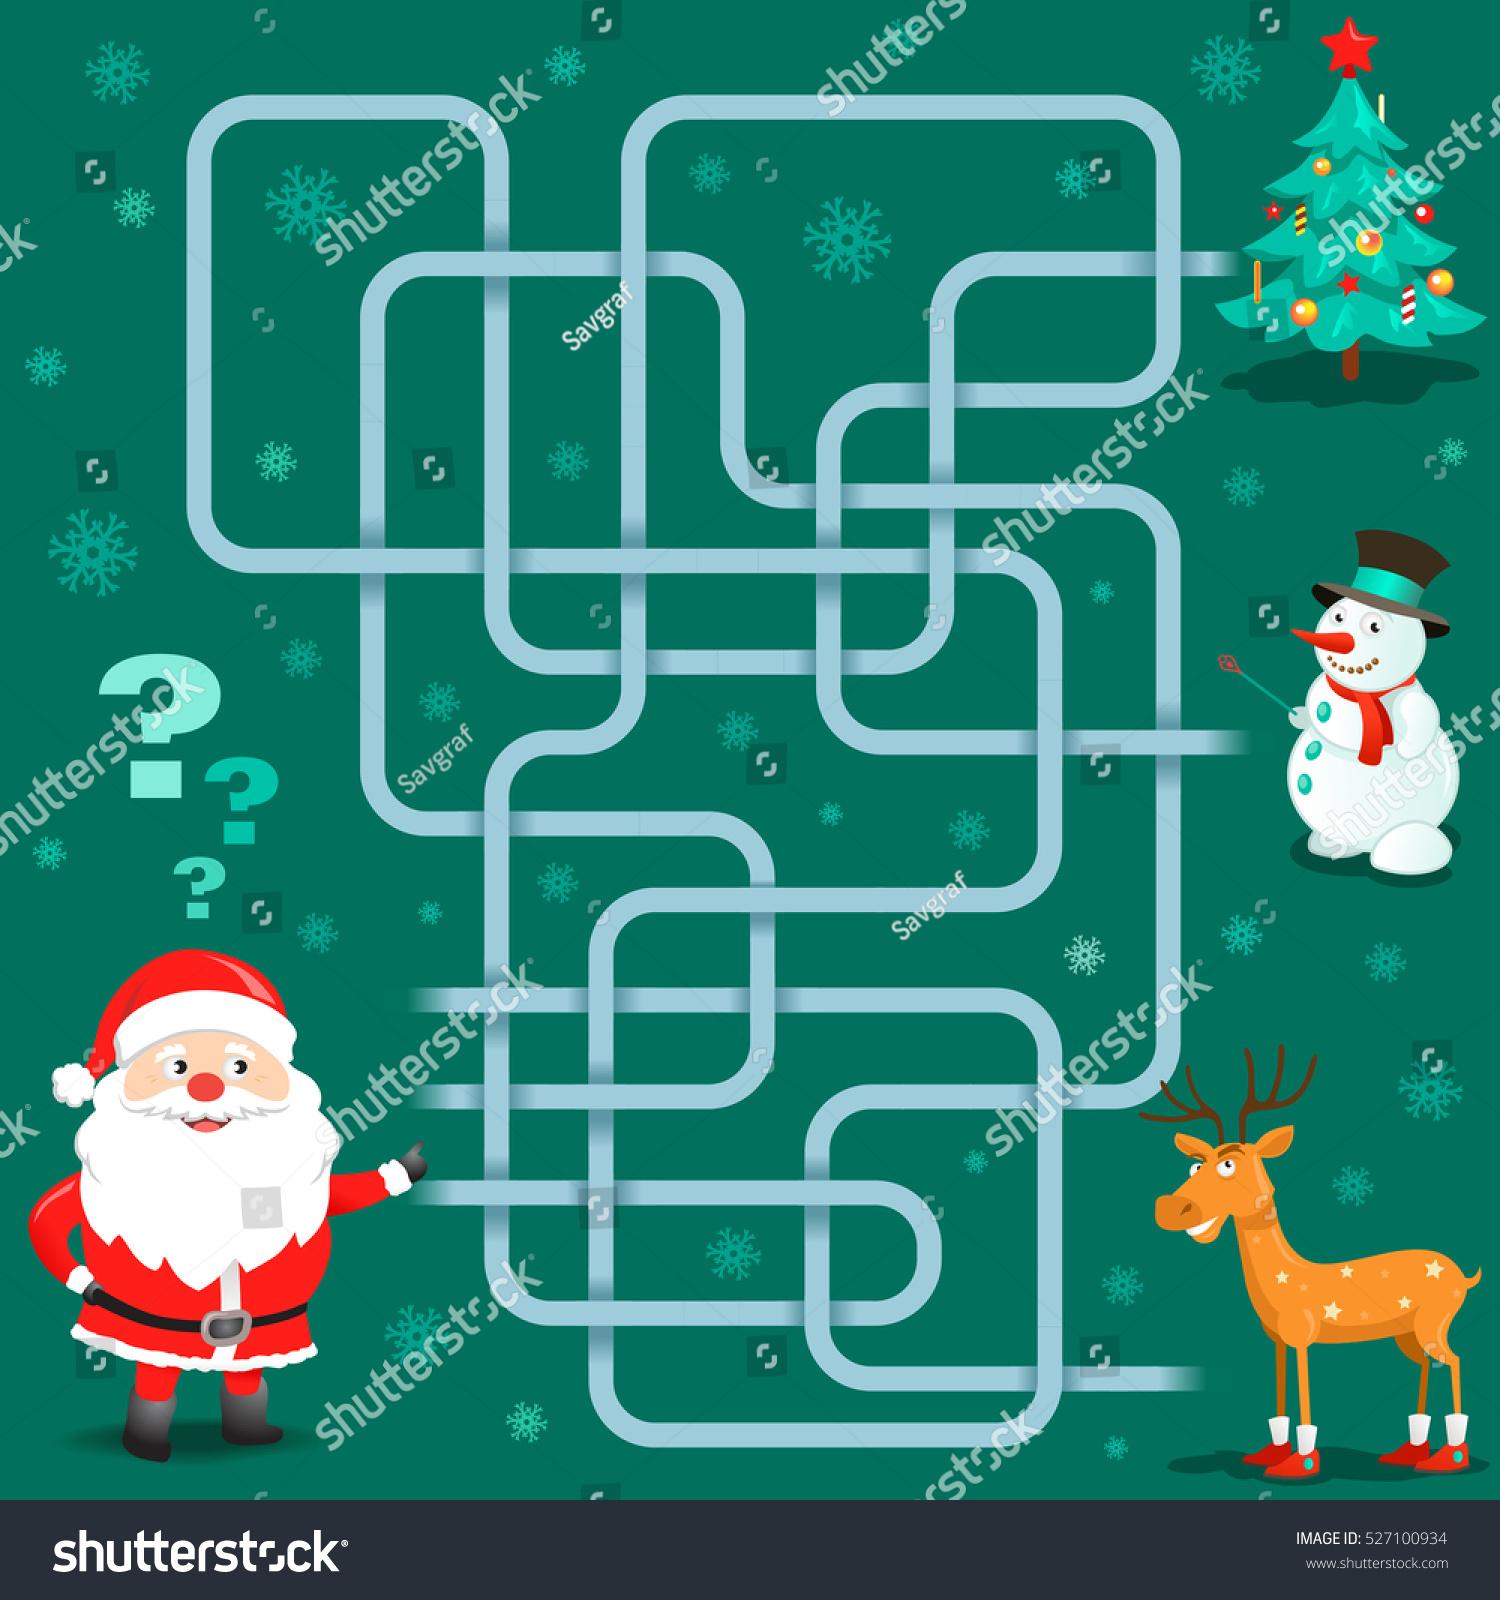 Funny Christmas Maze Game Santa Claus Stock Vector